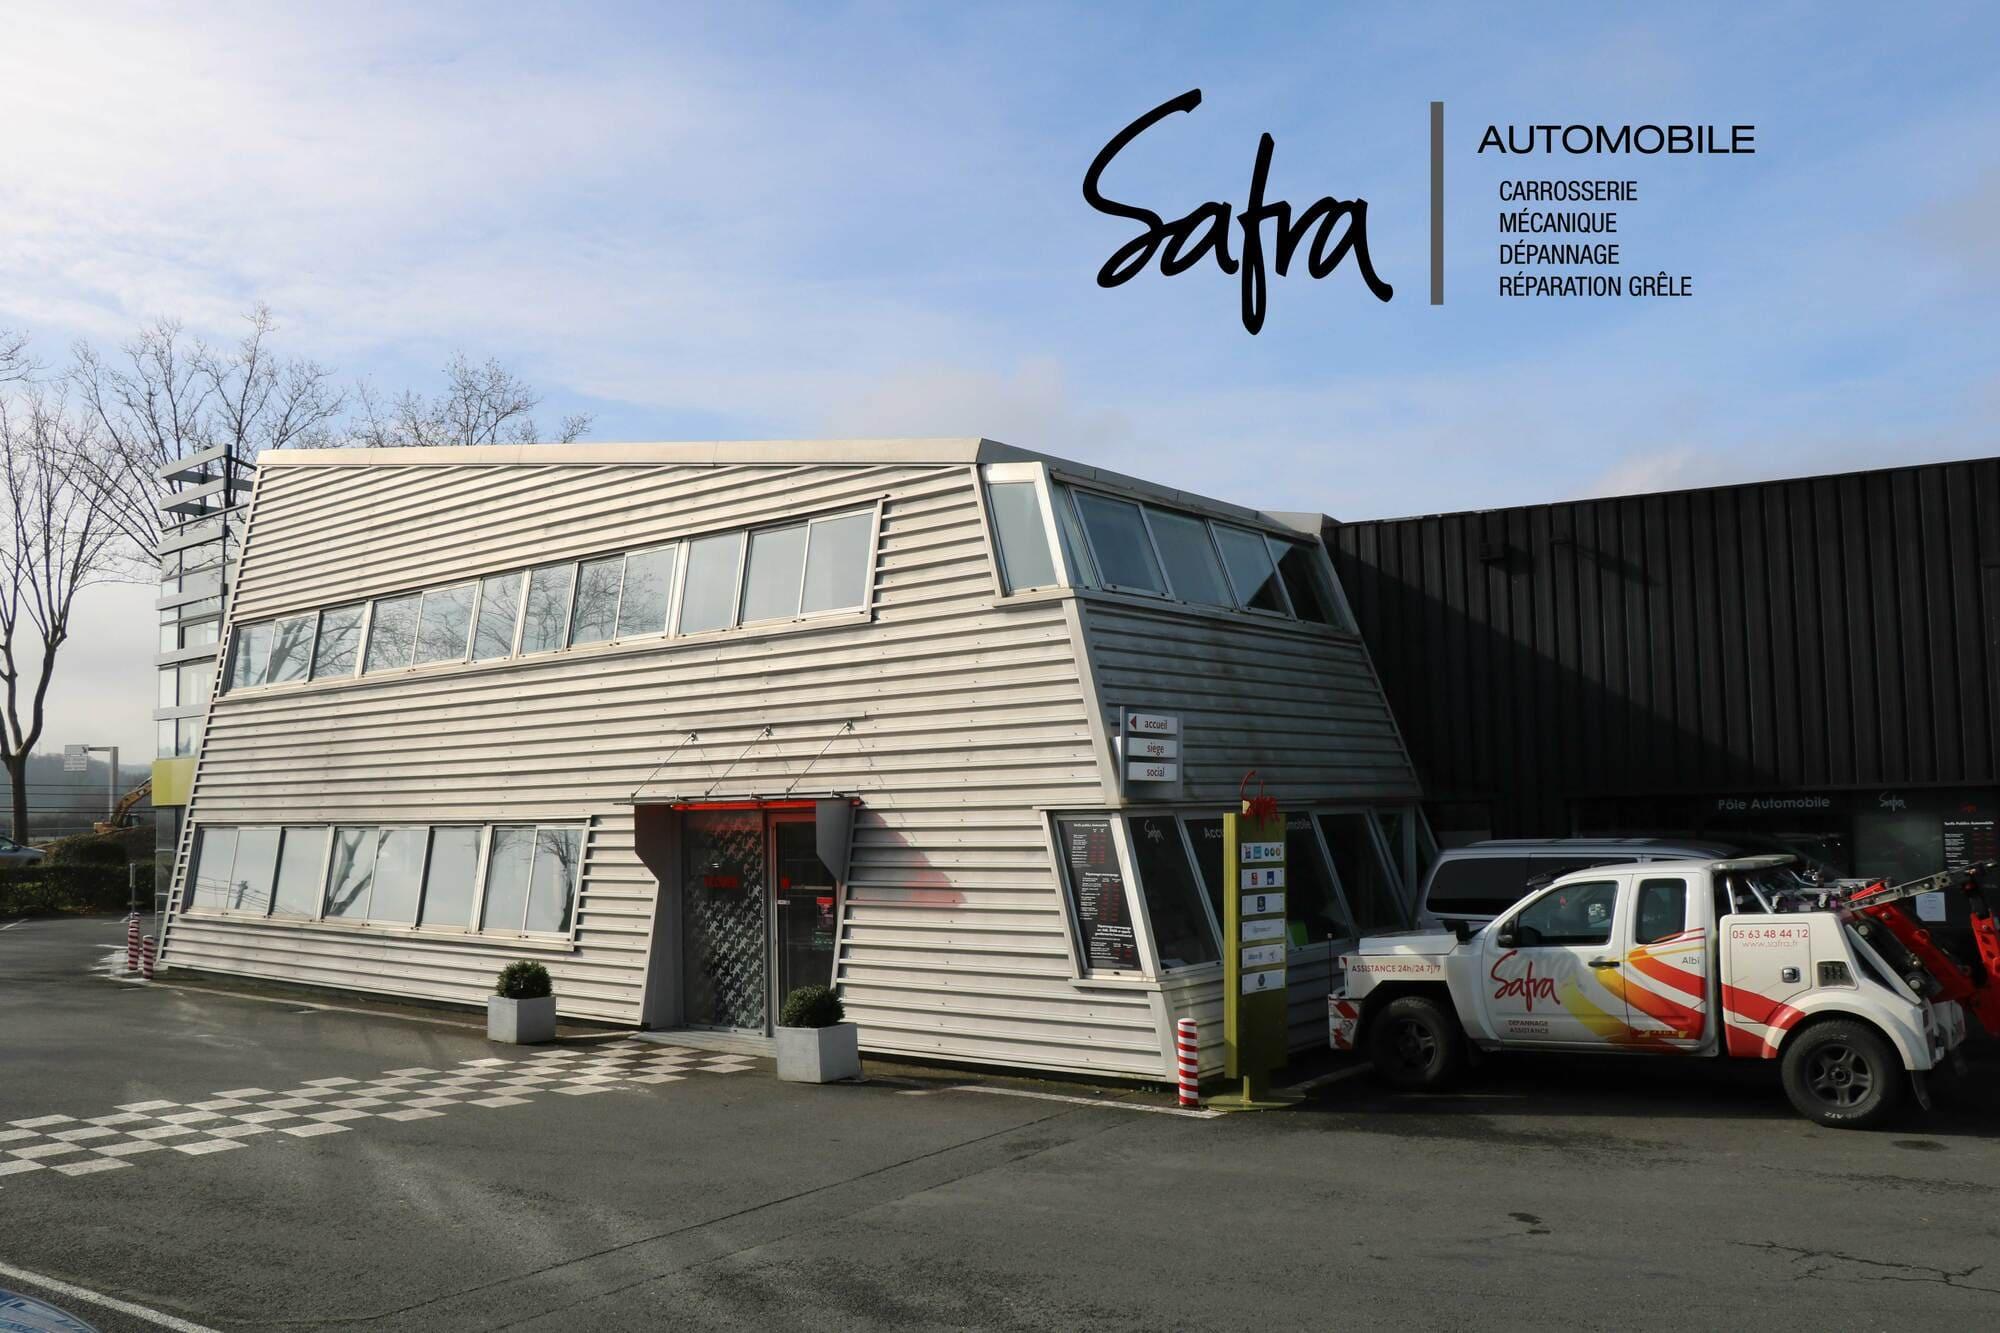 Affiche de l'accueil de SAFRA Automobile avec logo